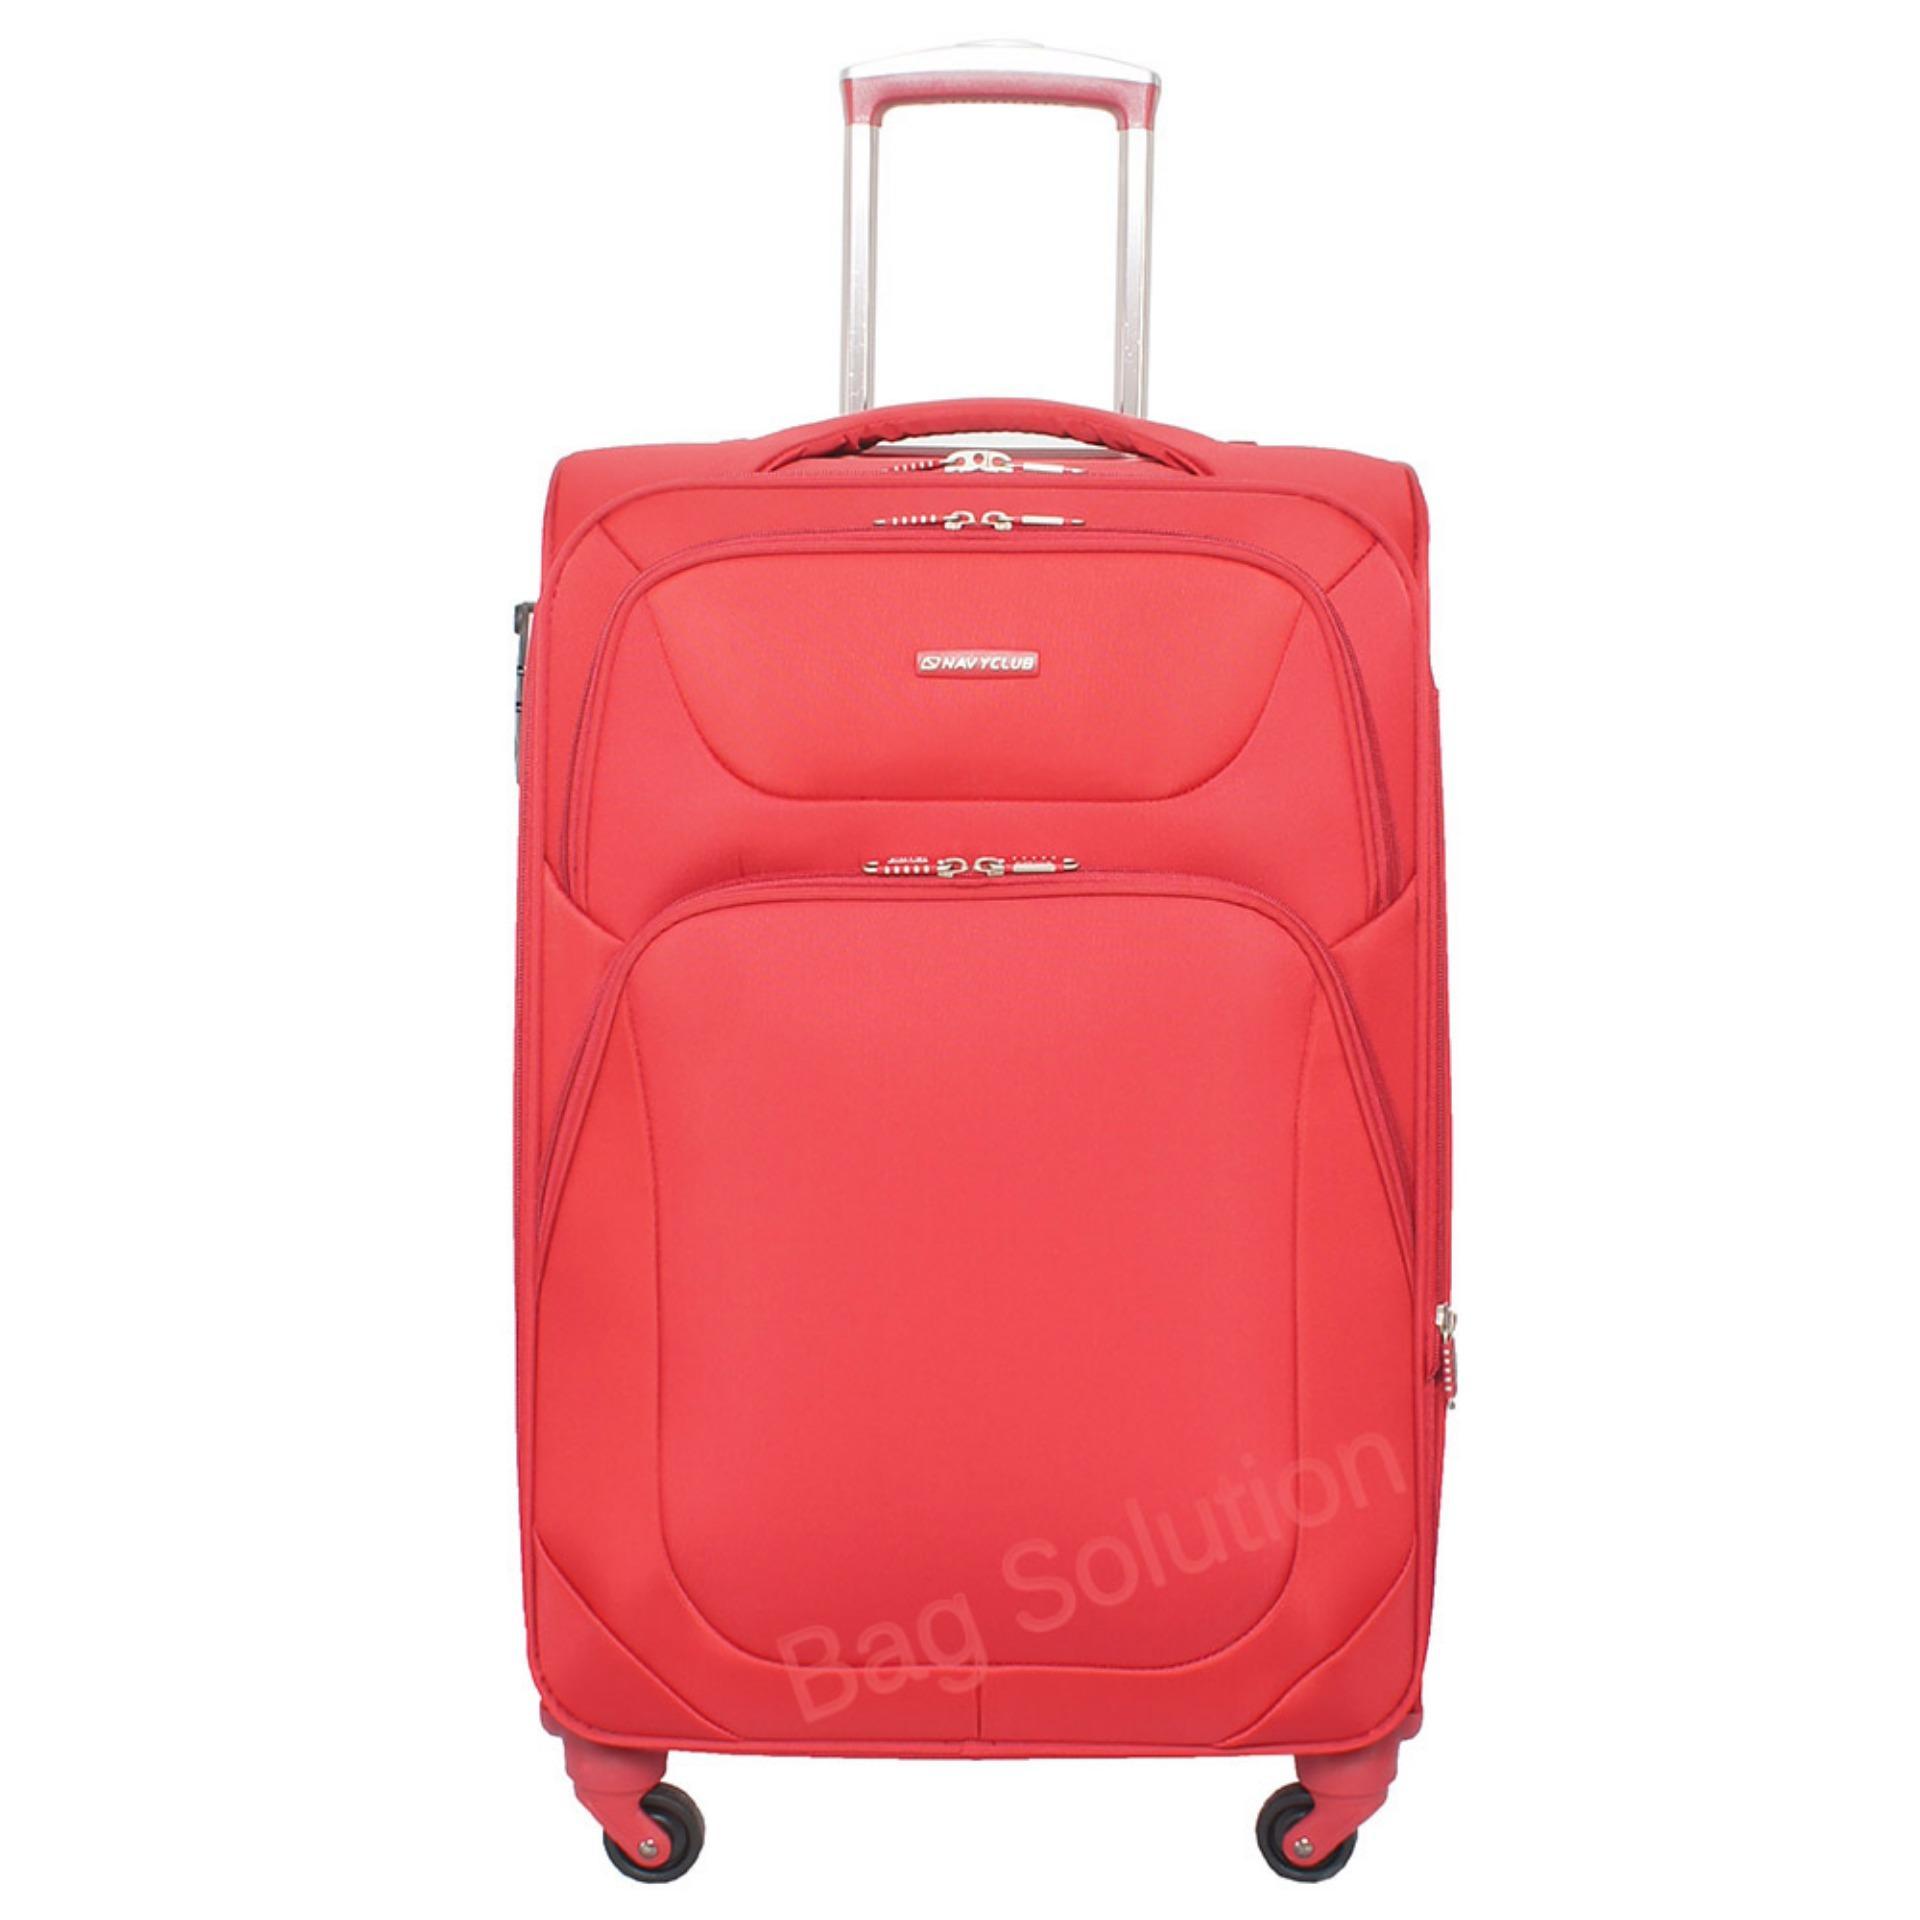 Spesifikasi Navy Club Tas Koper Softcase 4 Roda 3922 20 Inch Red Dan Harganya